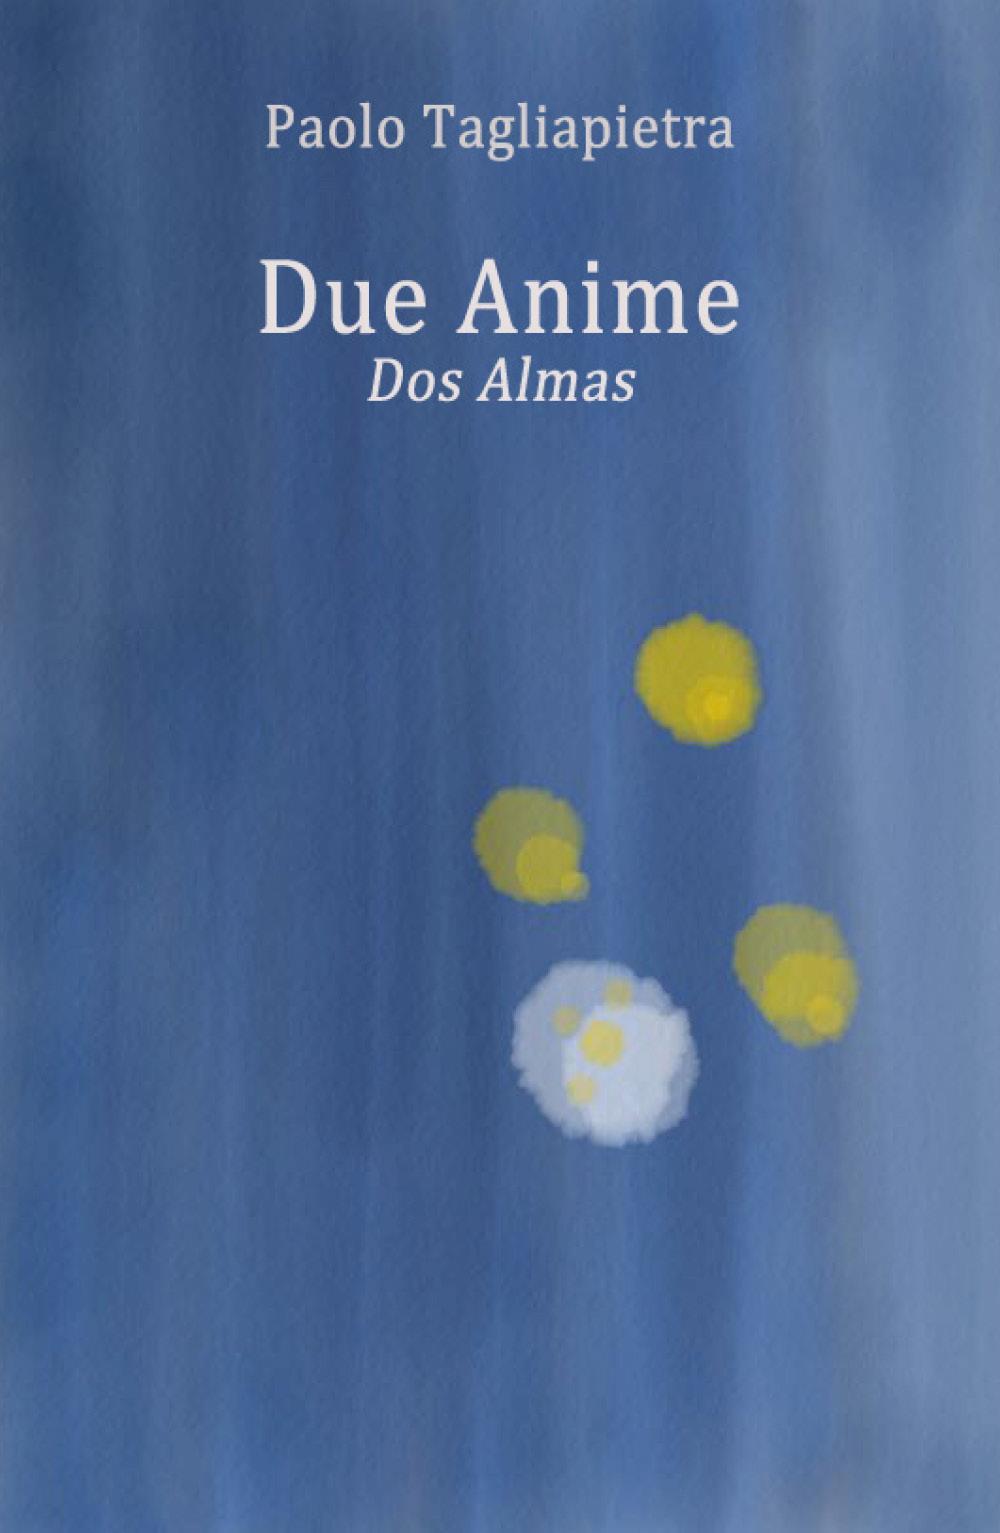 Due Anime - Dos Almas